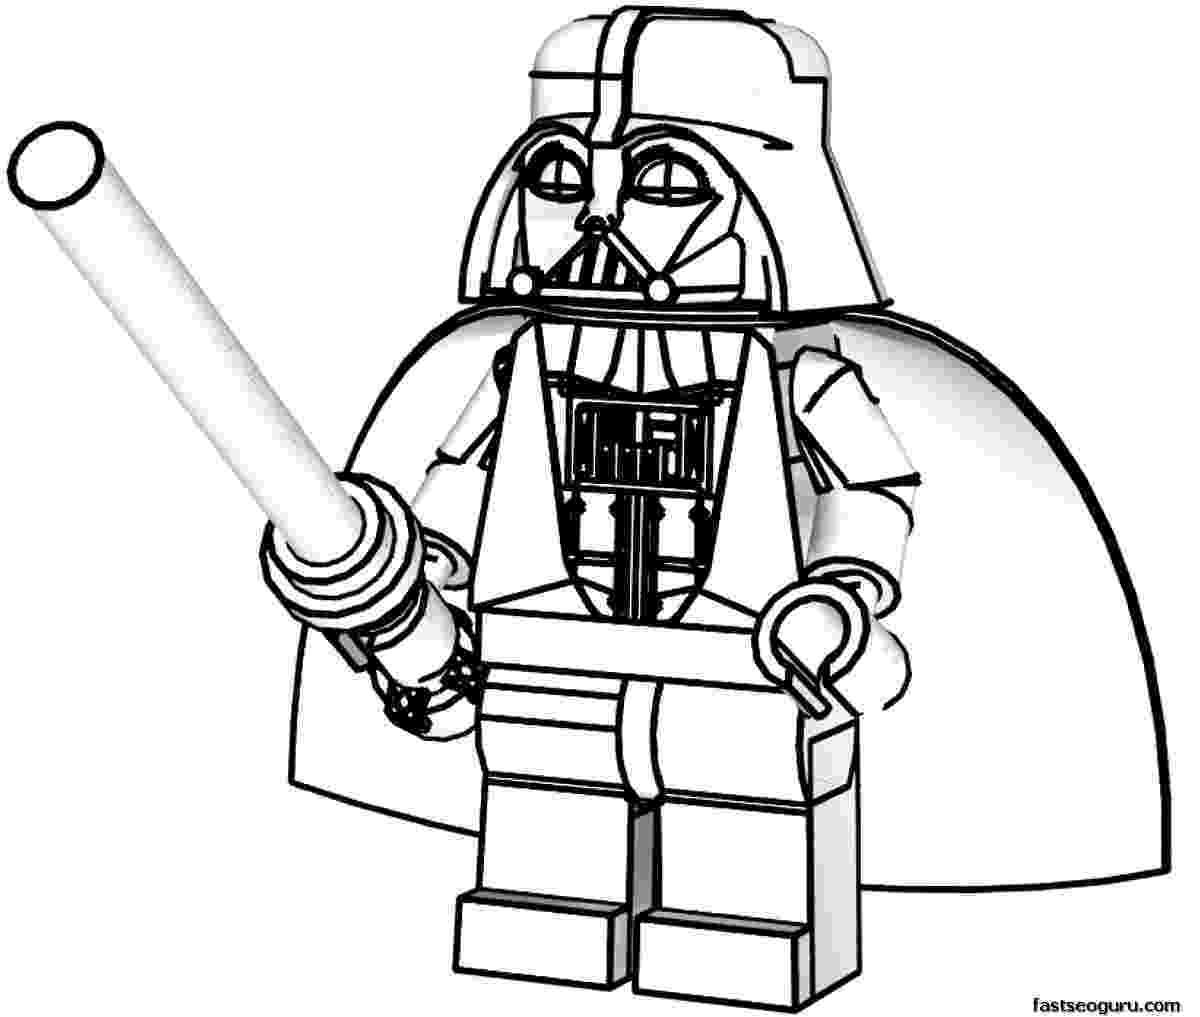 darth vader coloring sheet lego star wars darth vader coloring pages for kids vader coloring darth sheet